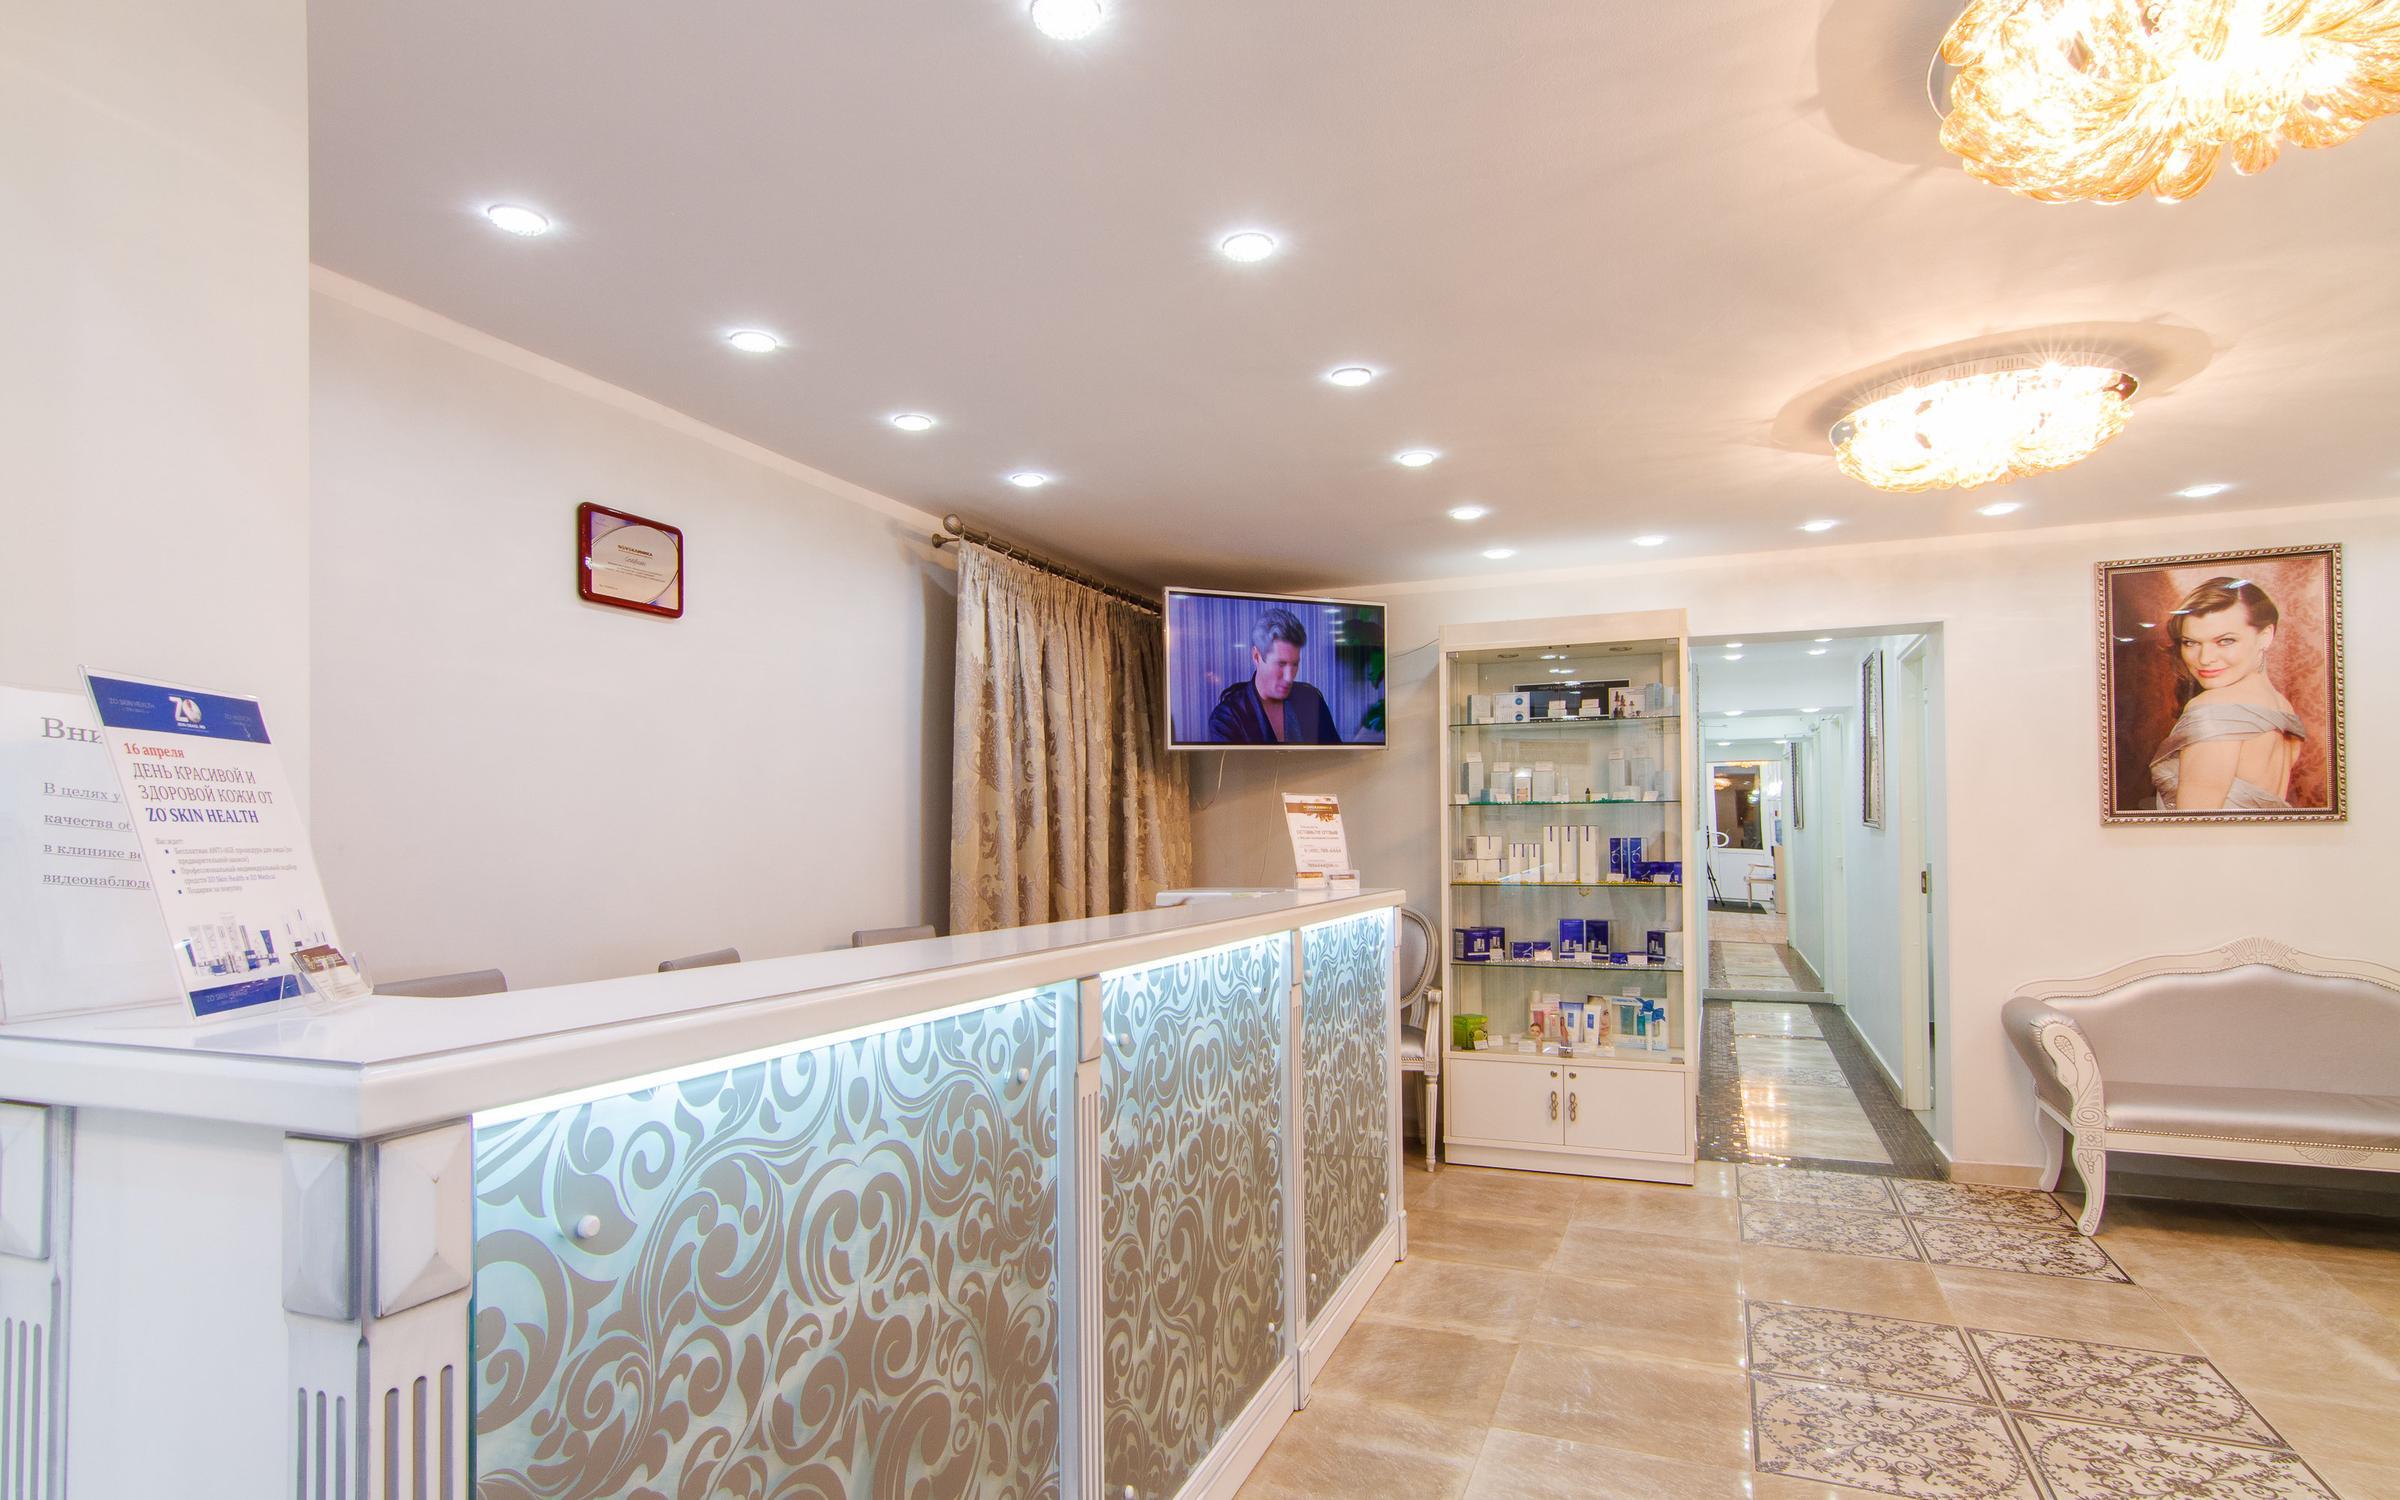 фотография Центра эстетической медицины и косметологии Новоклиник на улице Крутицкий Вал